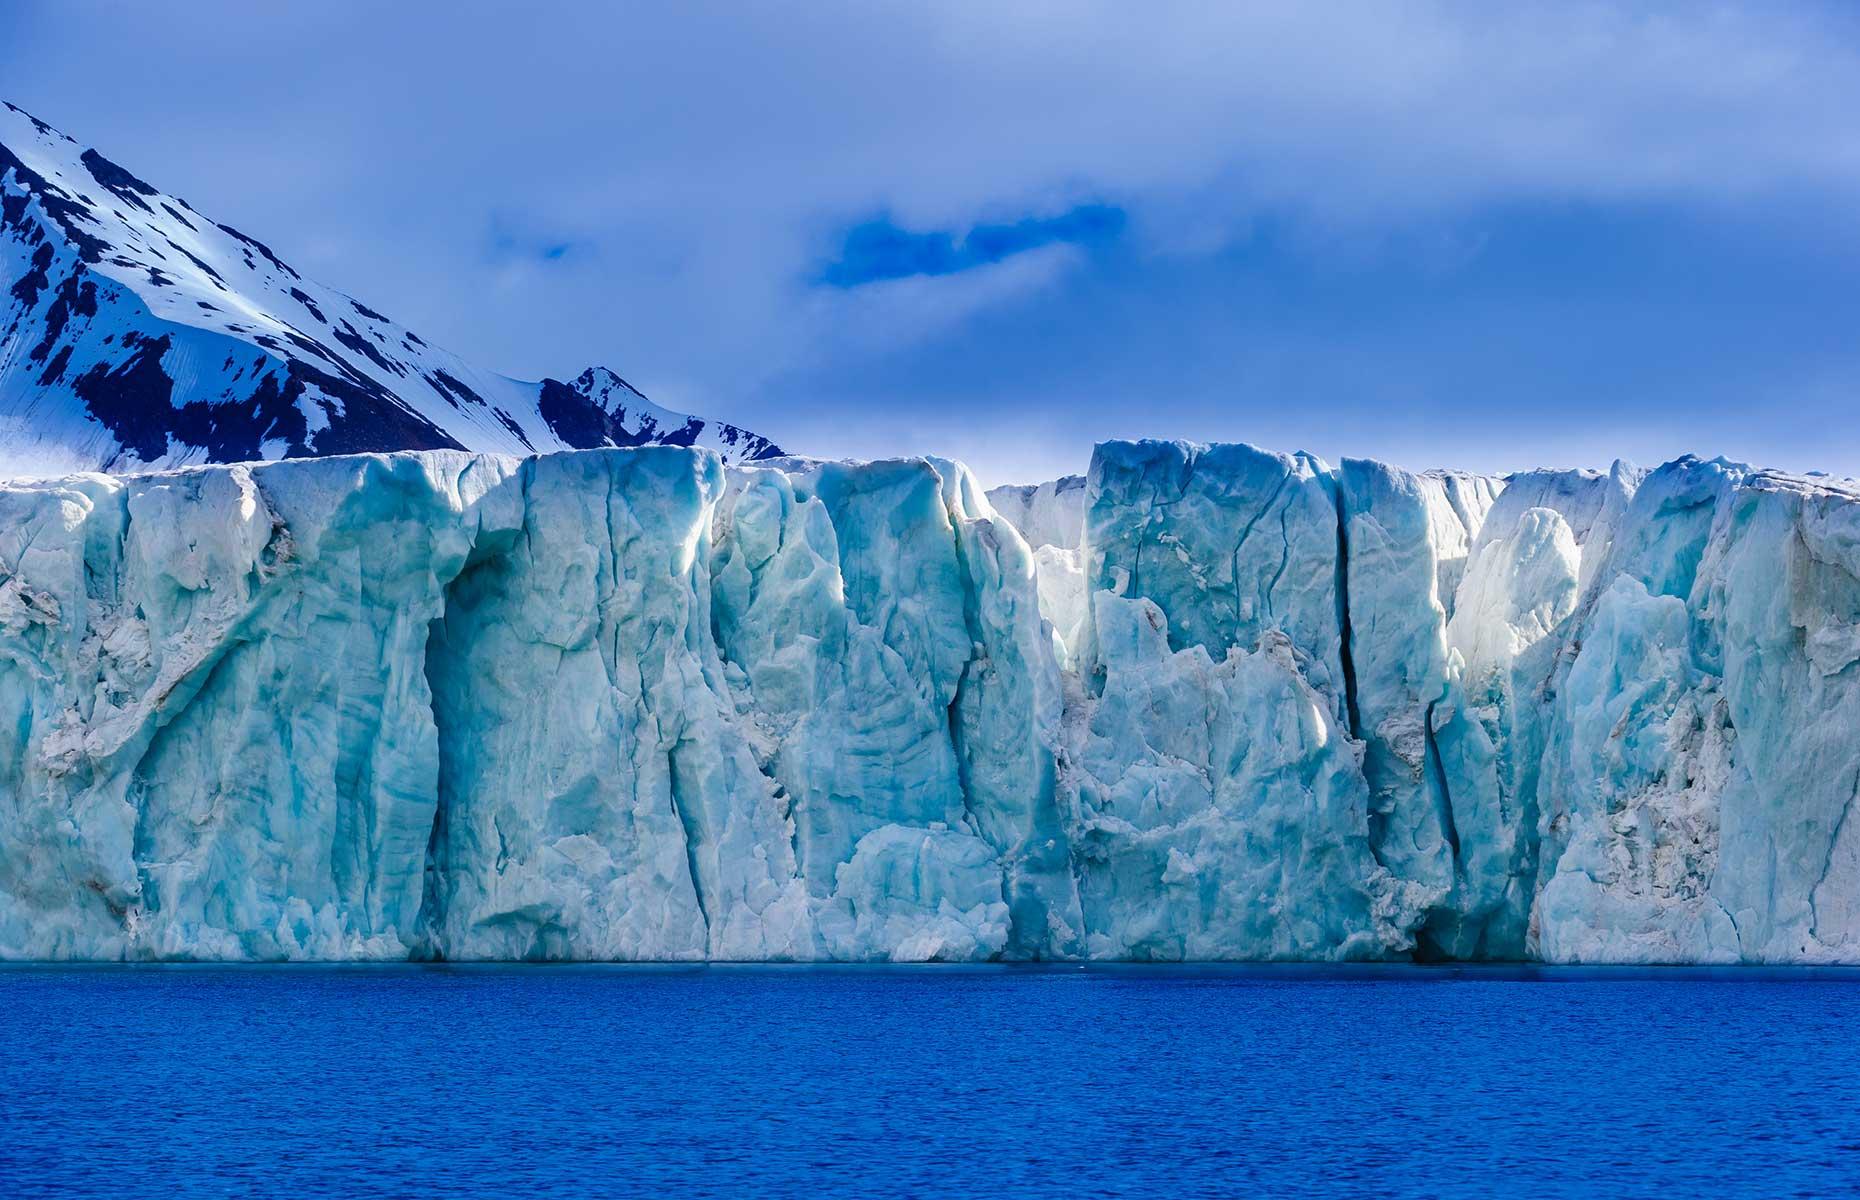 Aqua-coloured glacier, Svalbard (Don Landwehrle/Shutterstock)